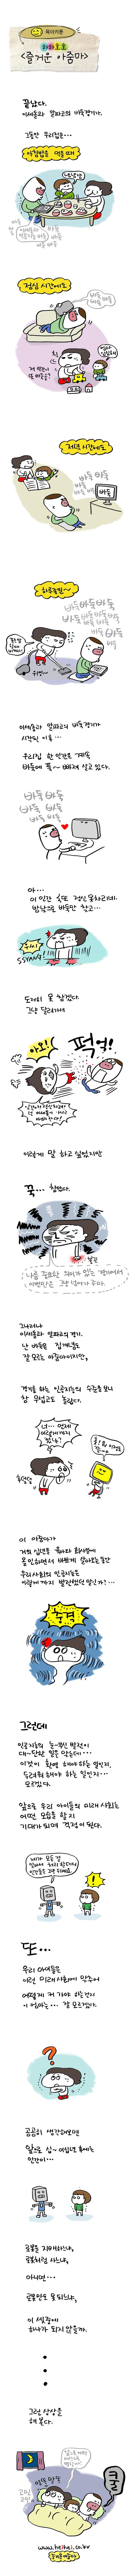 한겨례베이비트리육아카툰인공지능.jpg